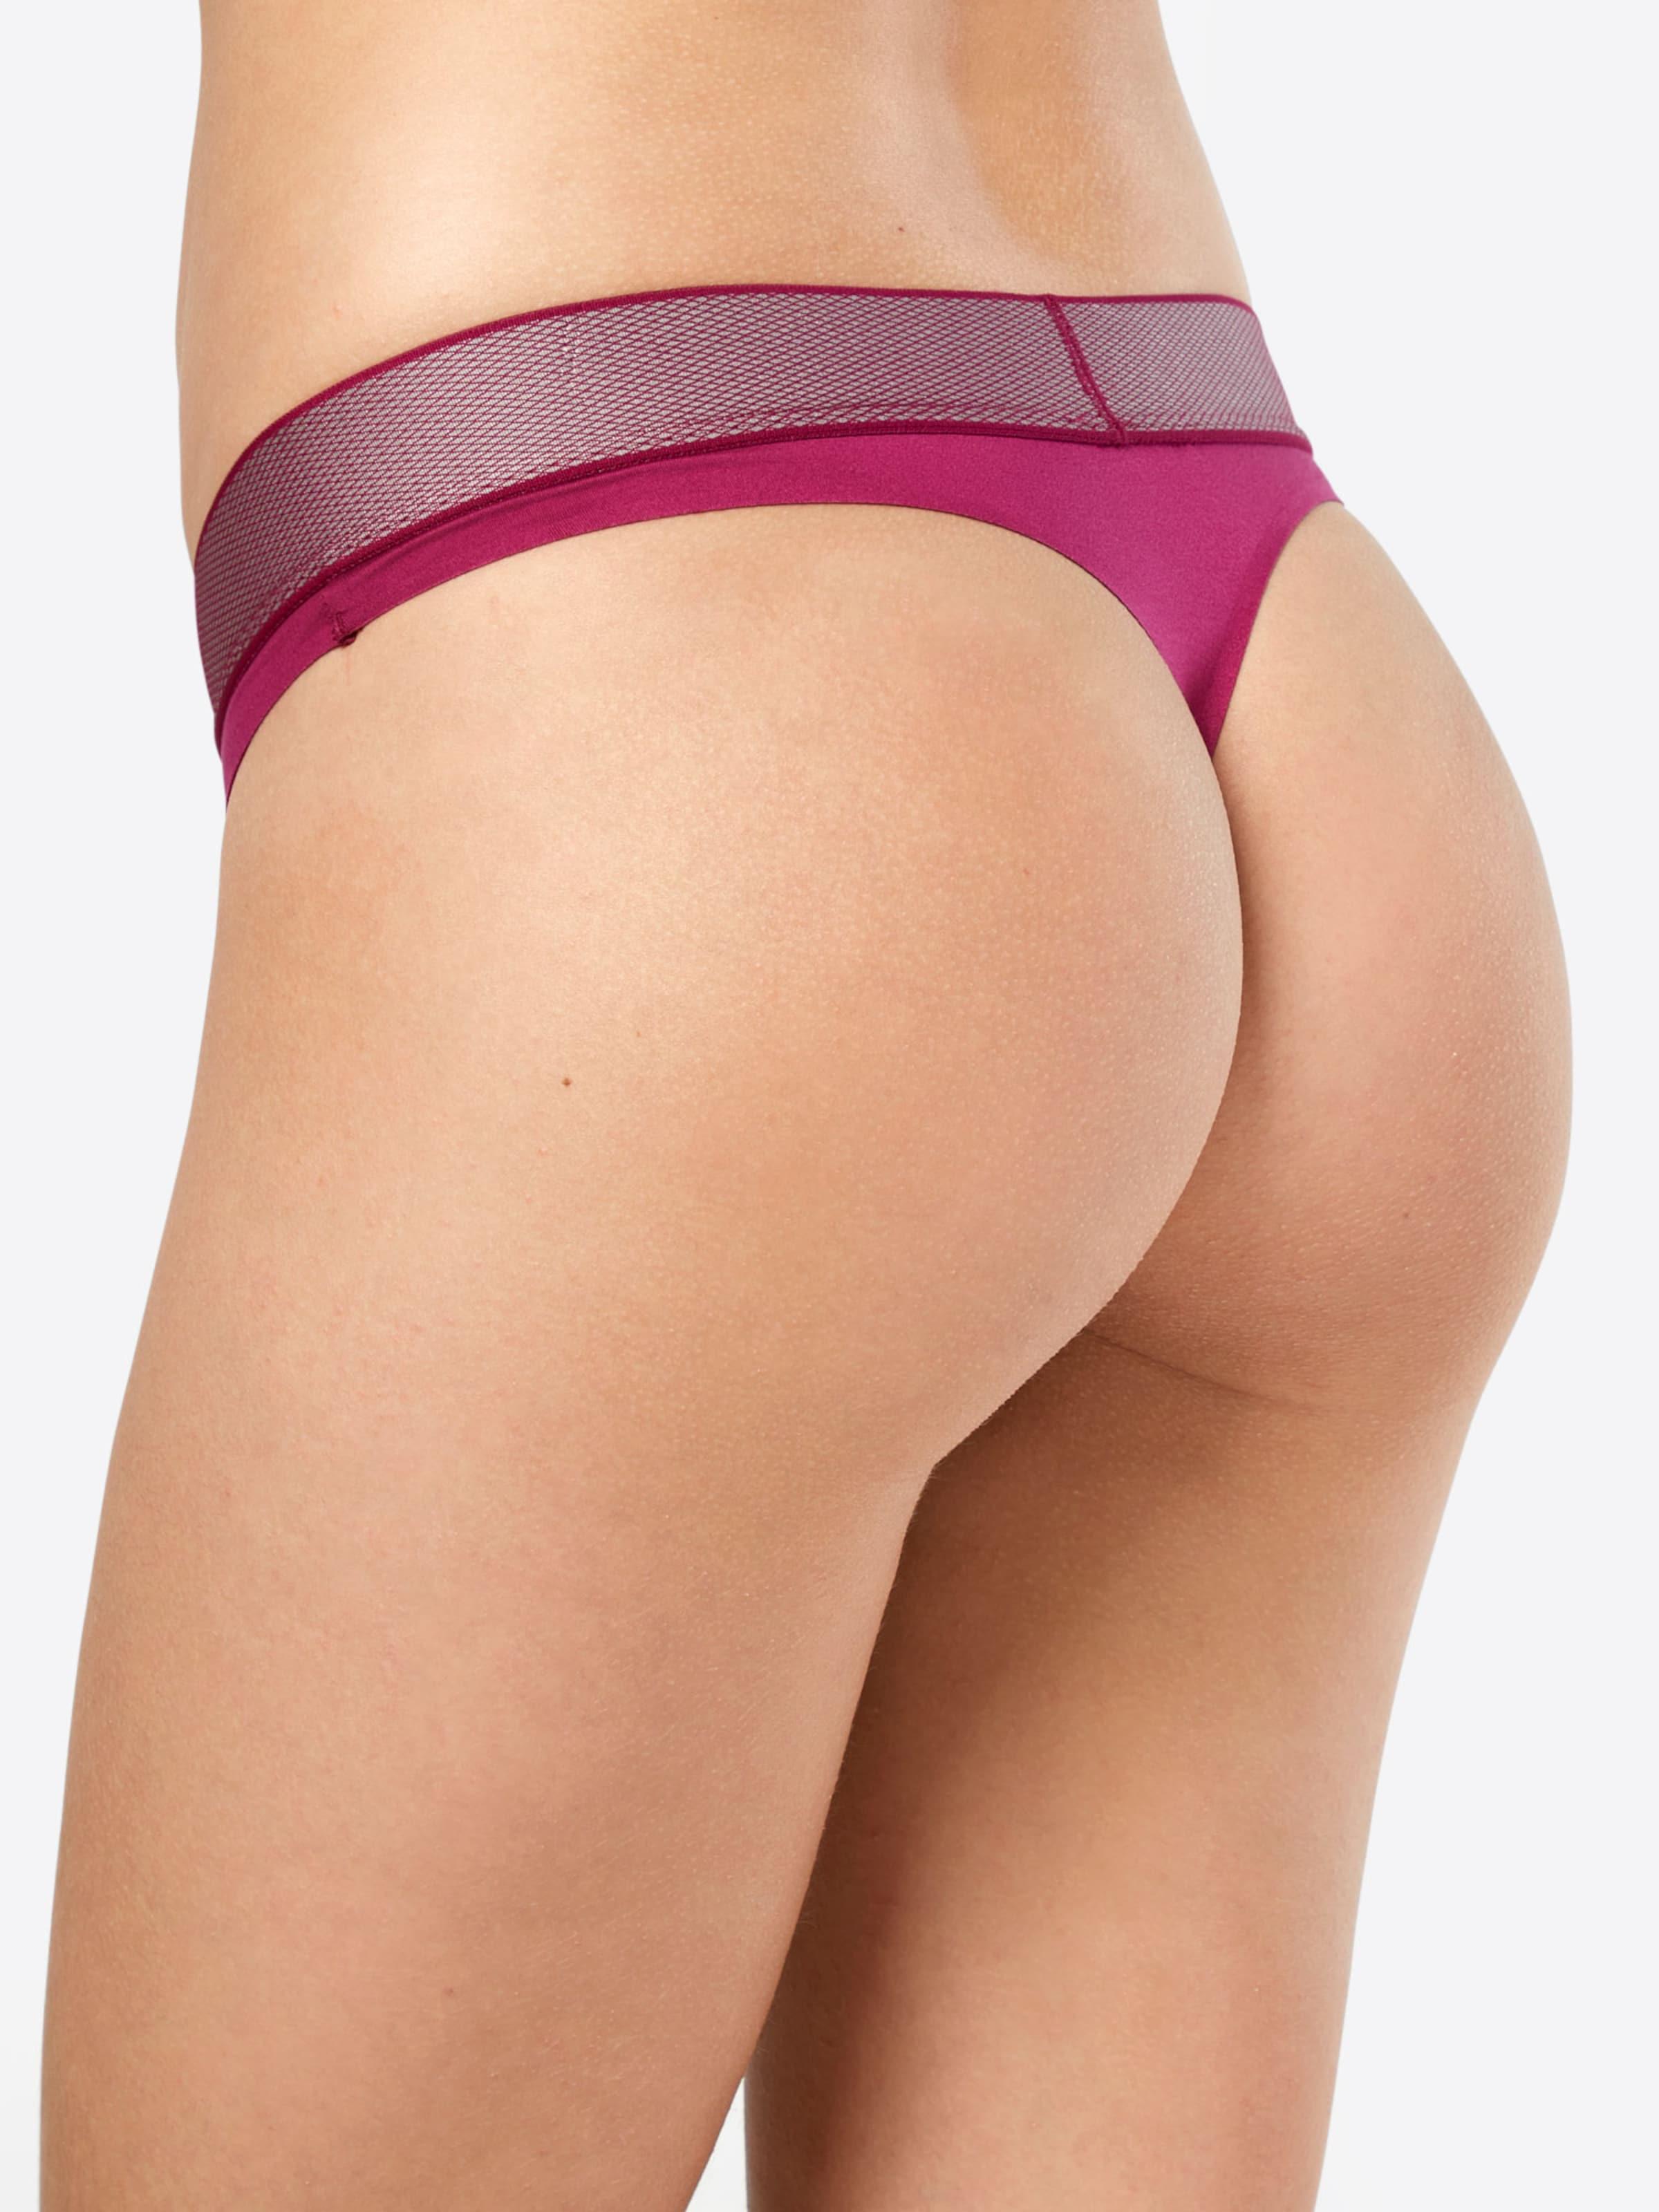 Calvin Klein underwear String 'INDULGE' Bilder Kaufen Online-Outlet Großhandelspreis Online Für Freies Verschiffen Verkauf Größte Anbieter Günstiger Preis qy443PJs